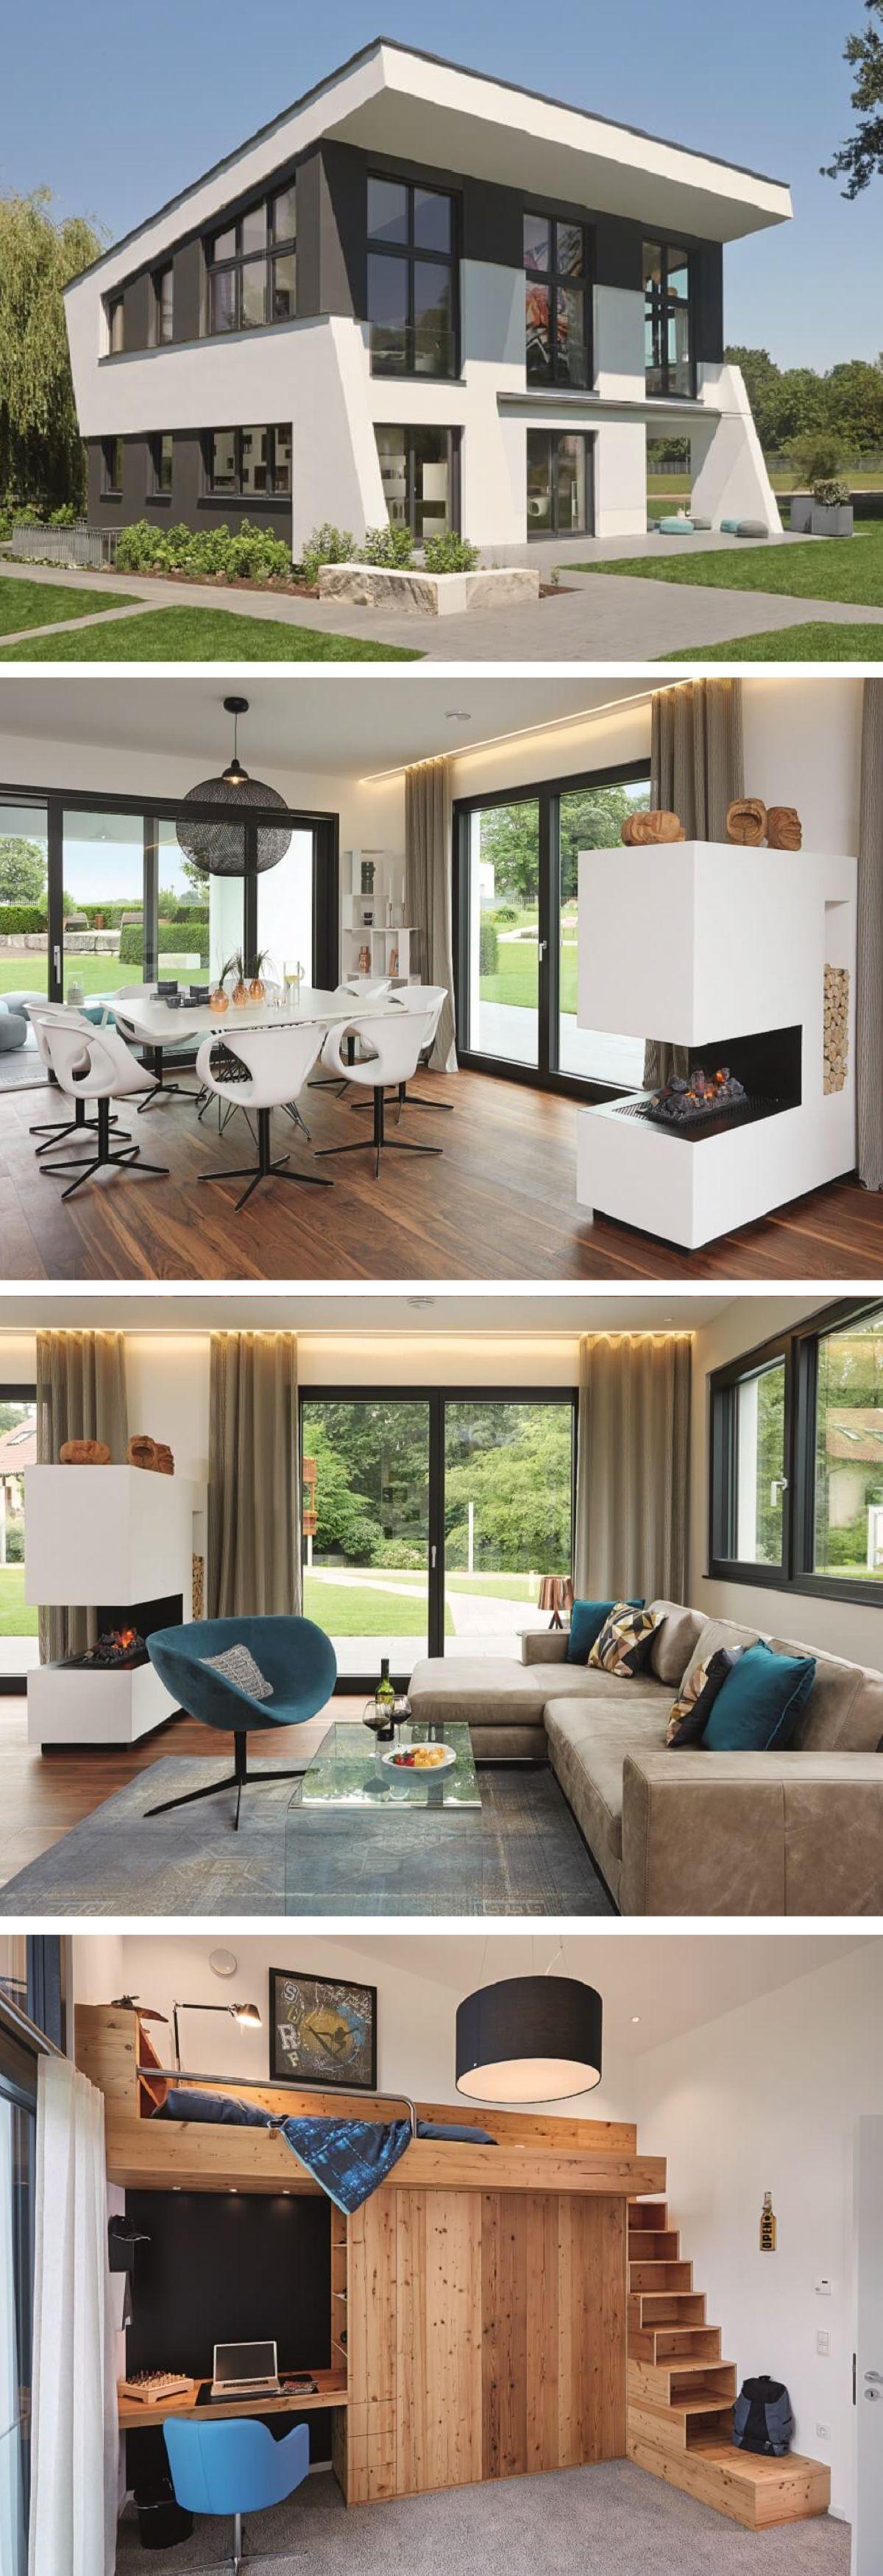 Skulpturales Architektenhaus mit Pultdach - Design Haus WeberHaus ...